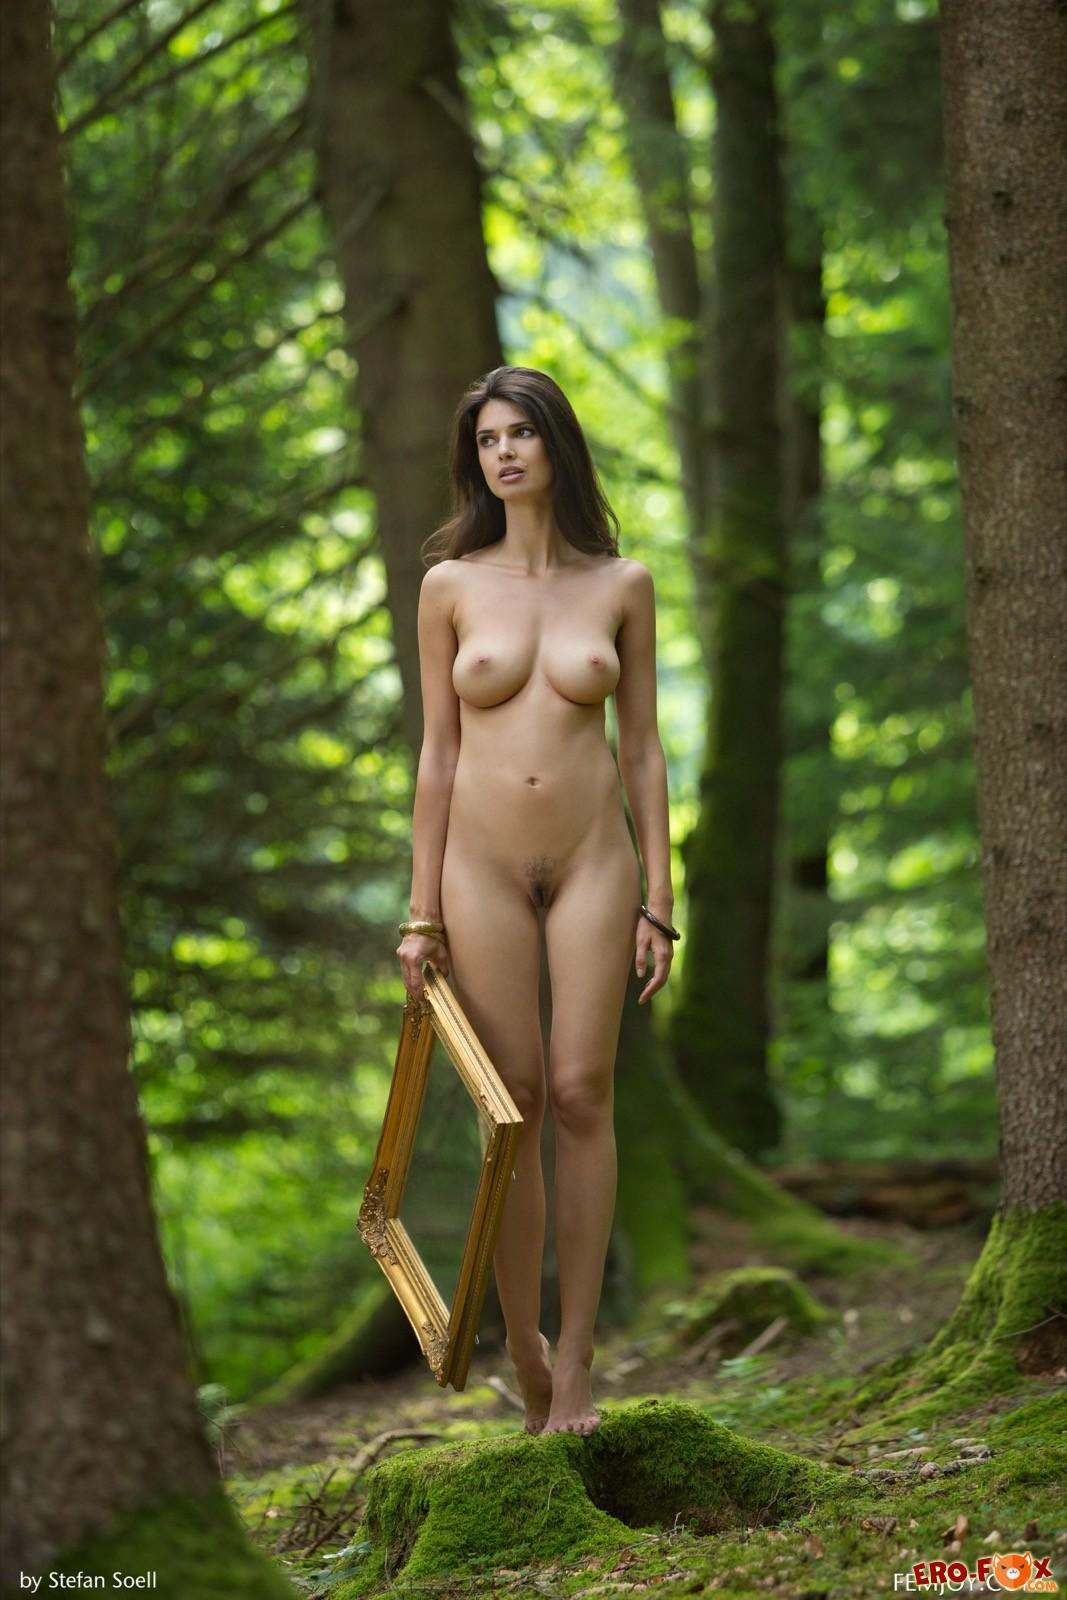 Брюнетка с большими сиськами голая в лесу